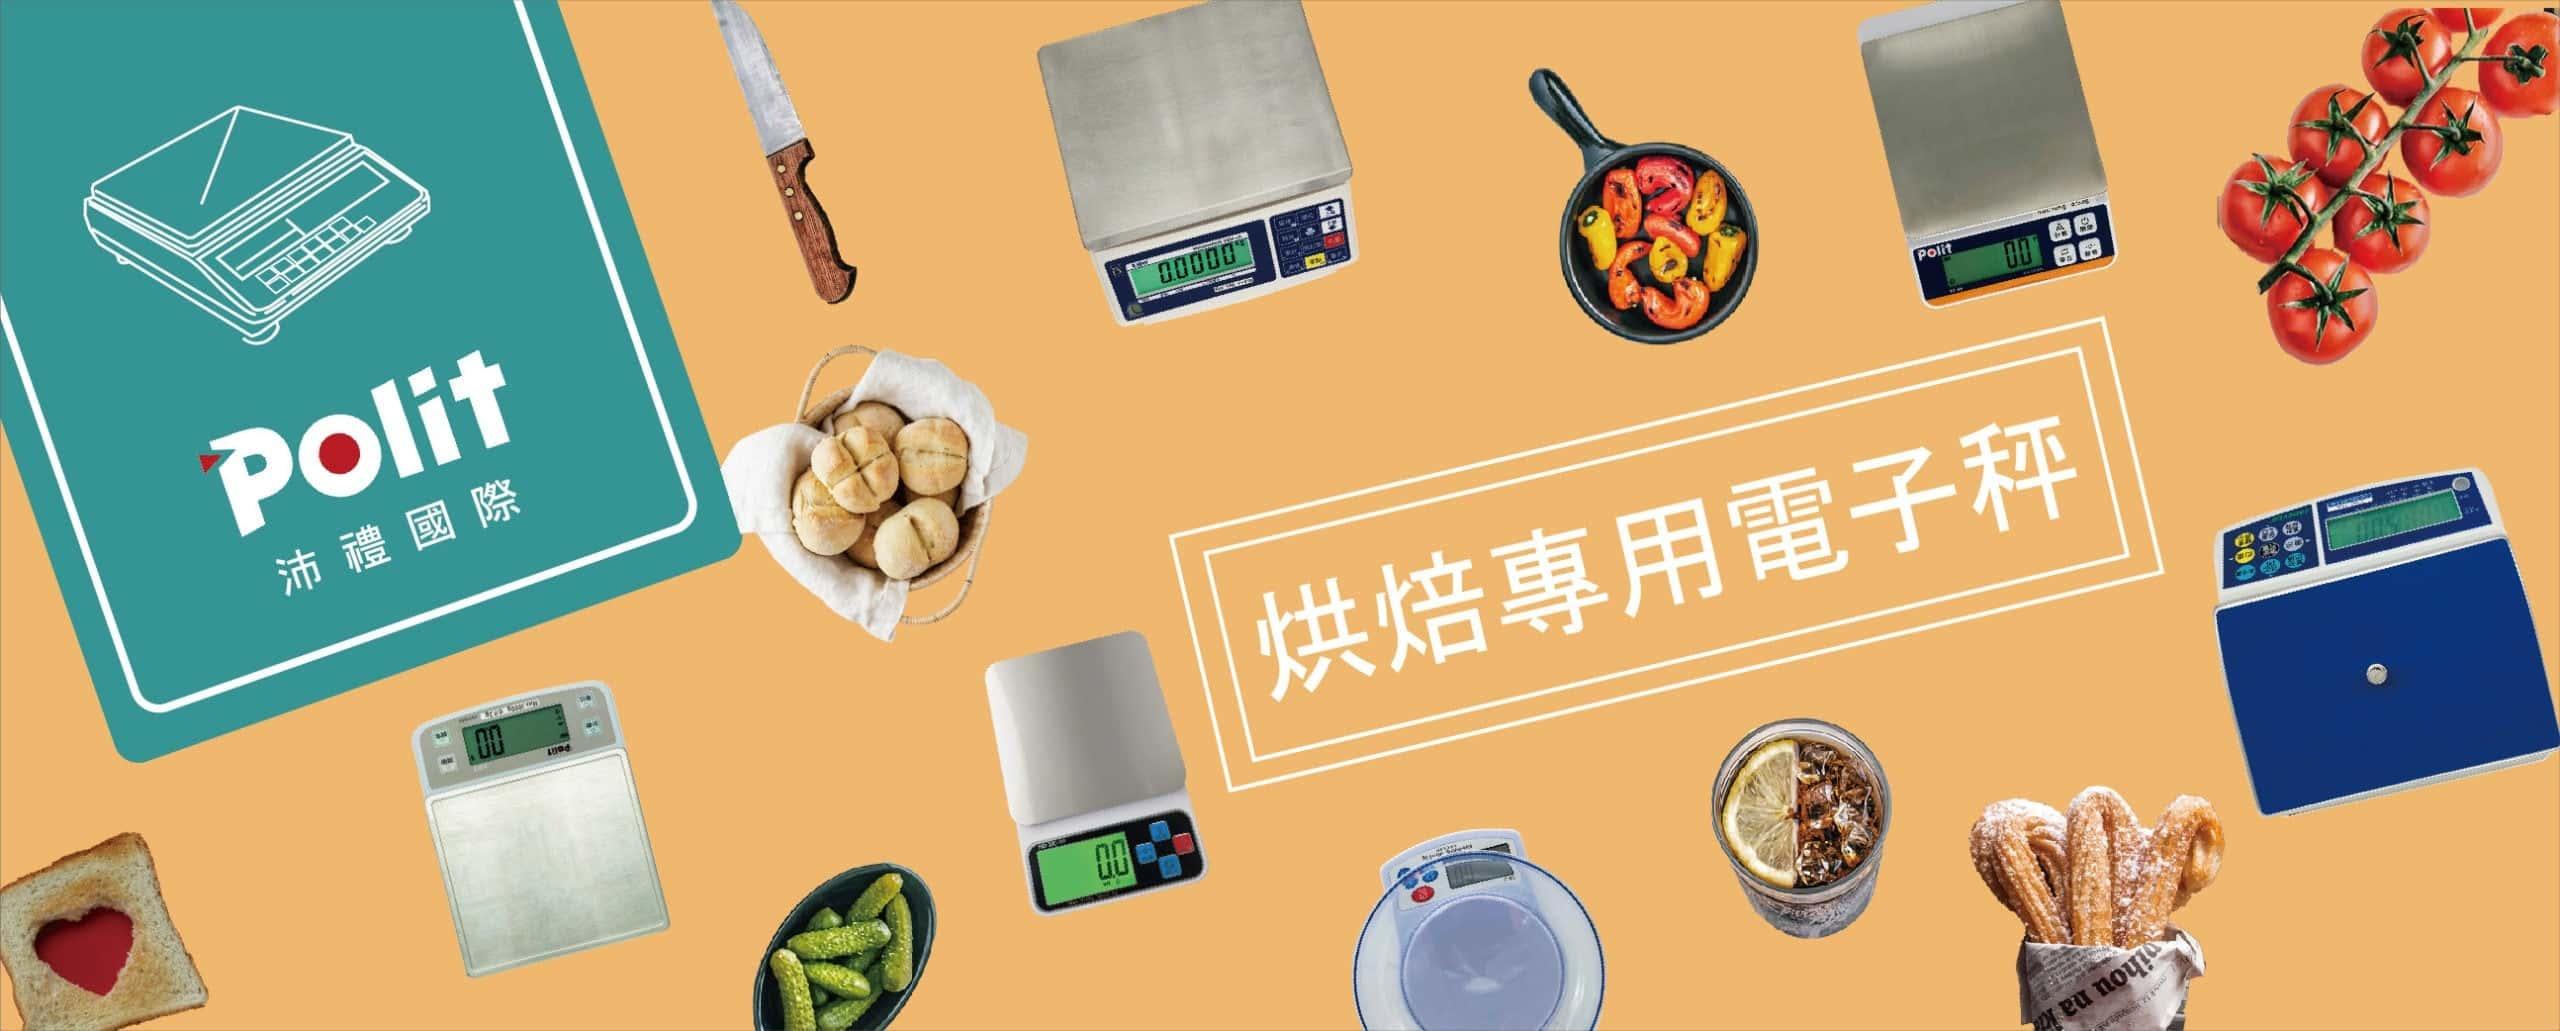 烘焙月 烘焙秤 料理秤 | 沛禮國際 Polit 電子秤專賣